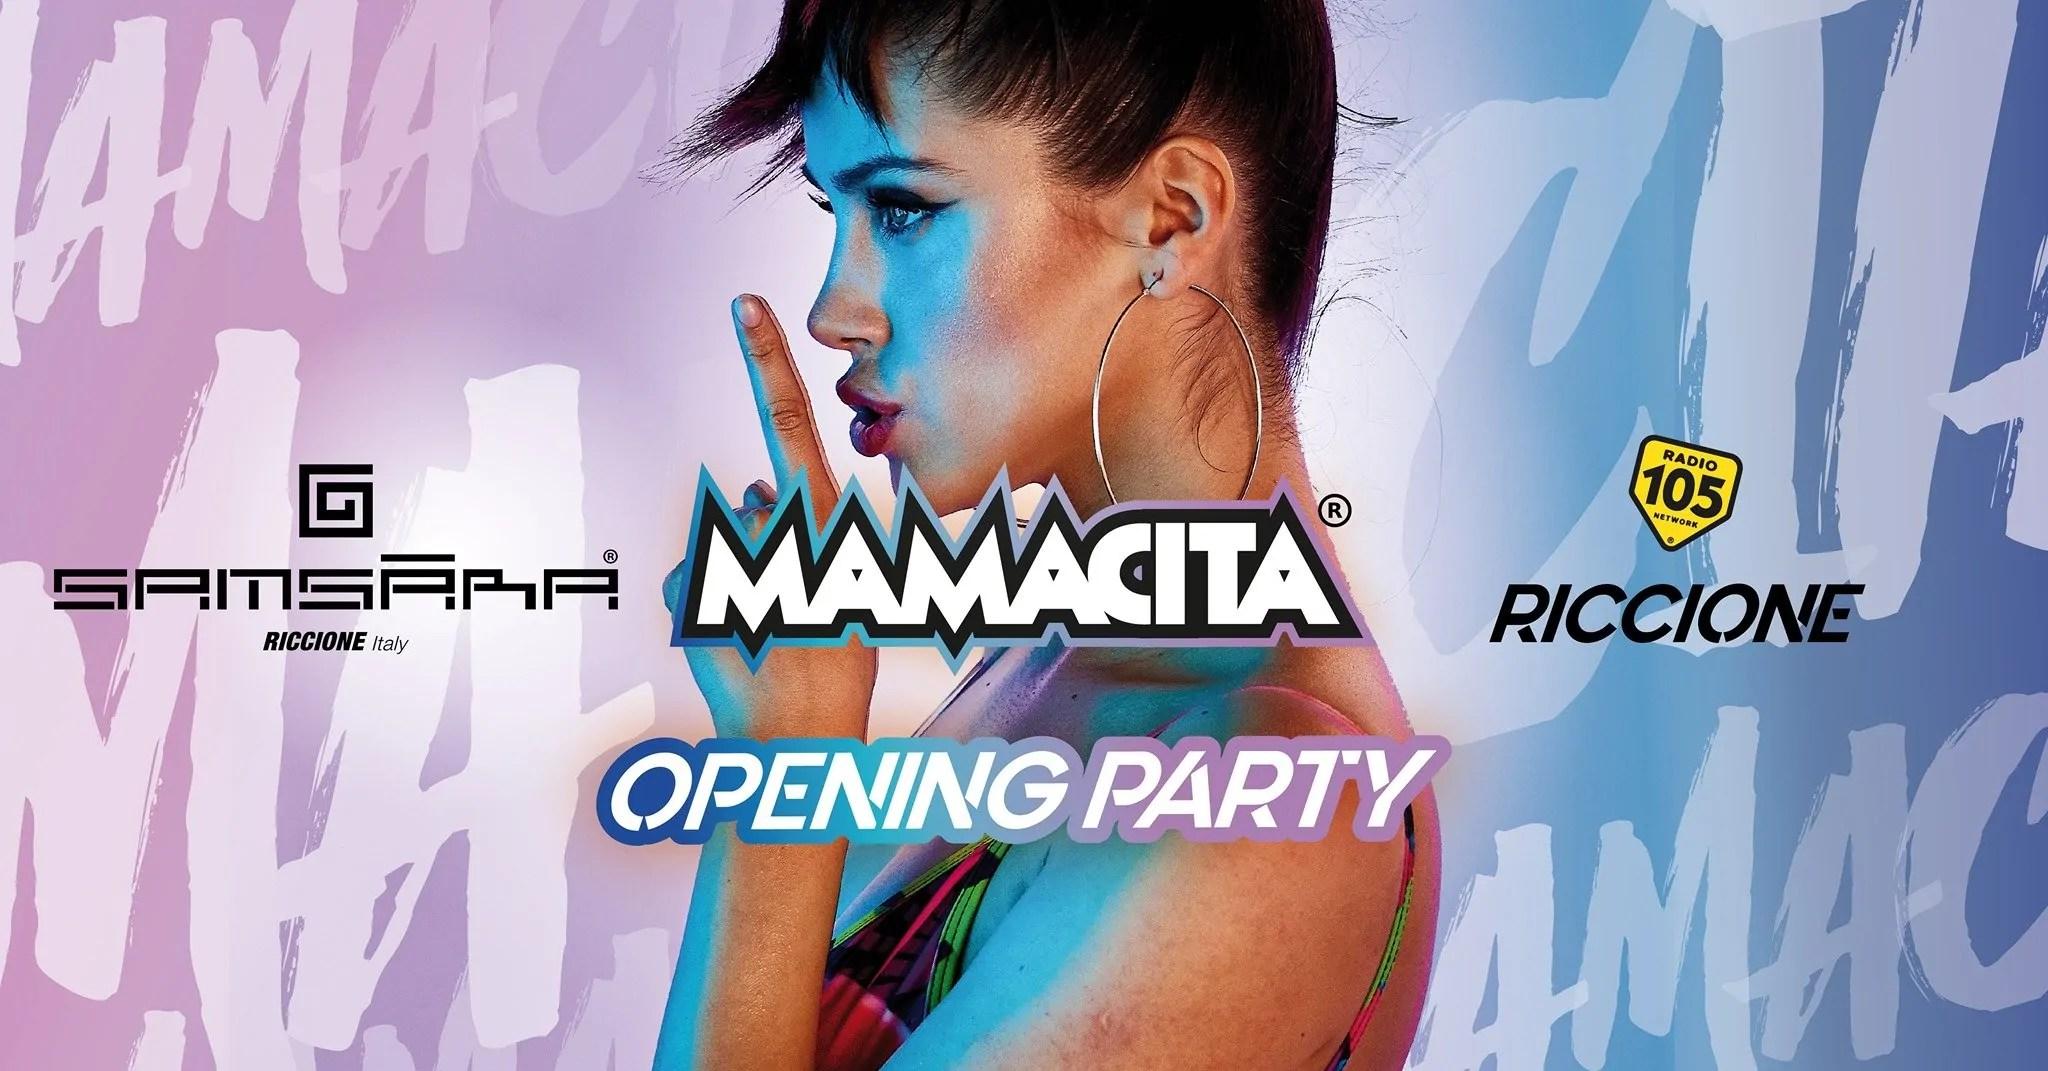 Mamacita Samsara Riccione Domenica 07 Luglio 2019 Notte Rosa Tavoli e Pacchetti hotel